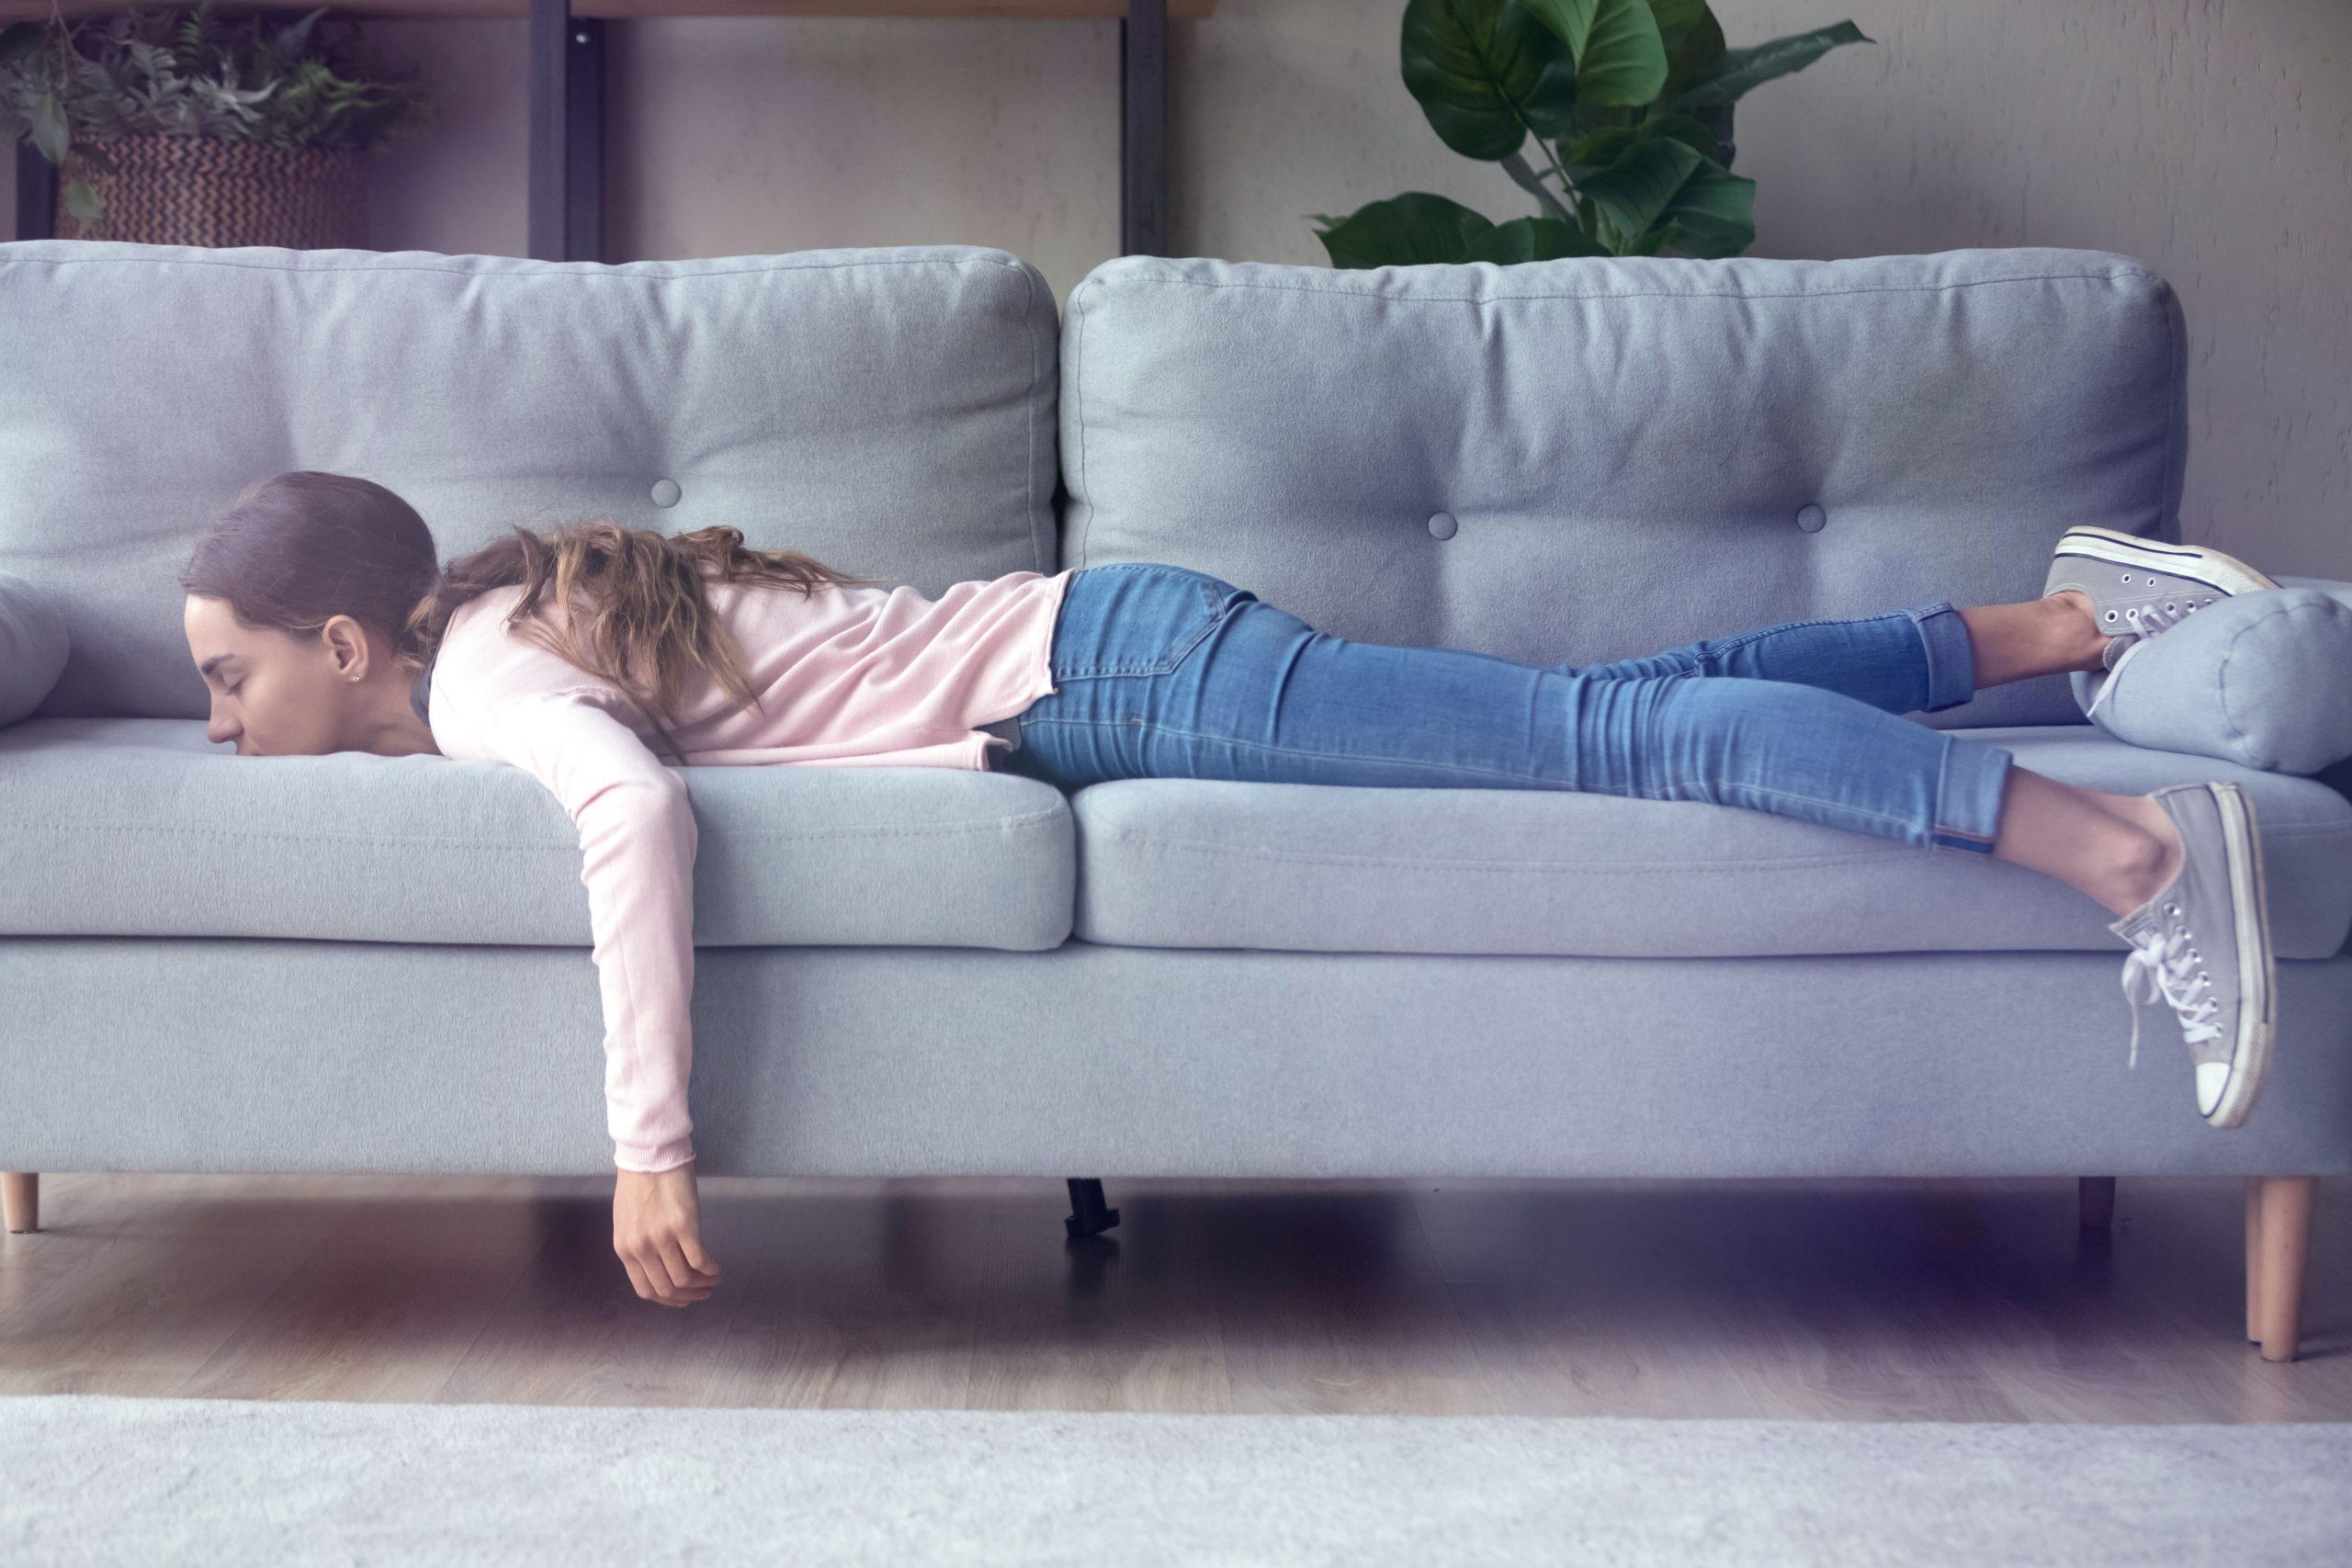 Eine junge Frau, die erschöpft auf einem Sofa liegt